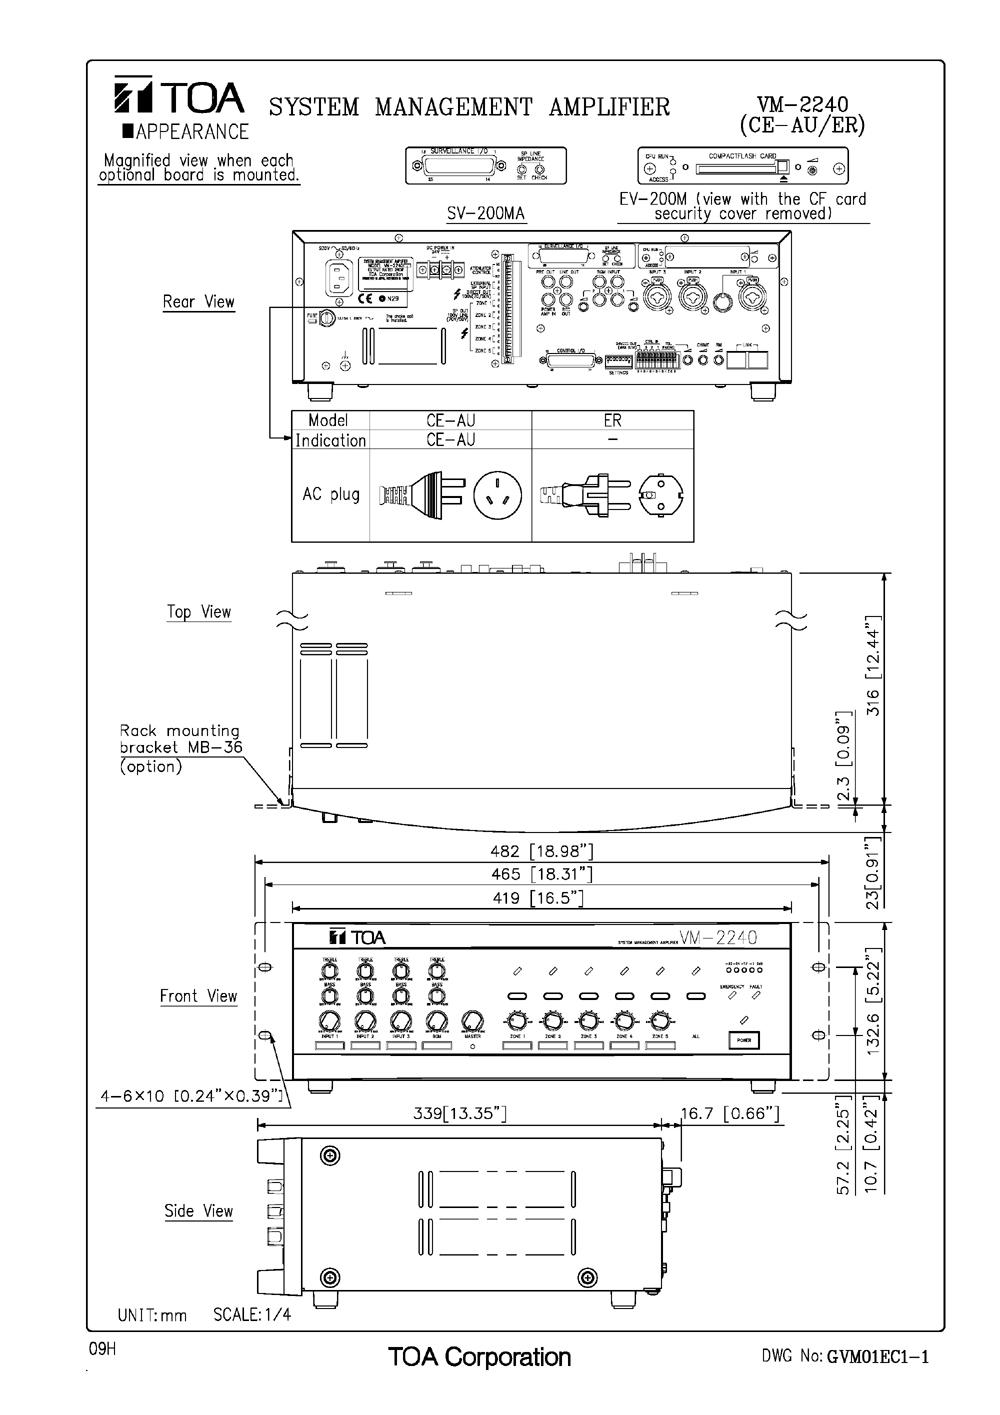 TĂNG ÂM TRUYỀN THANH TOA 240W VM-2240, AMPLY TOA, TOA VM-2240